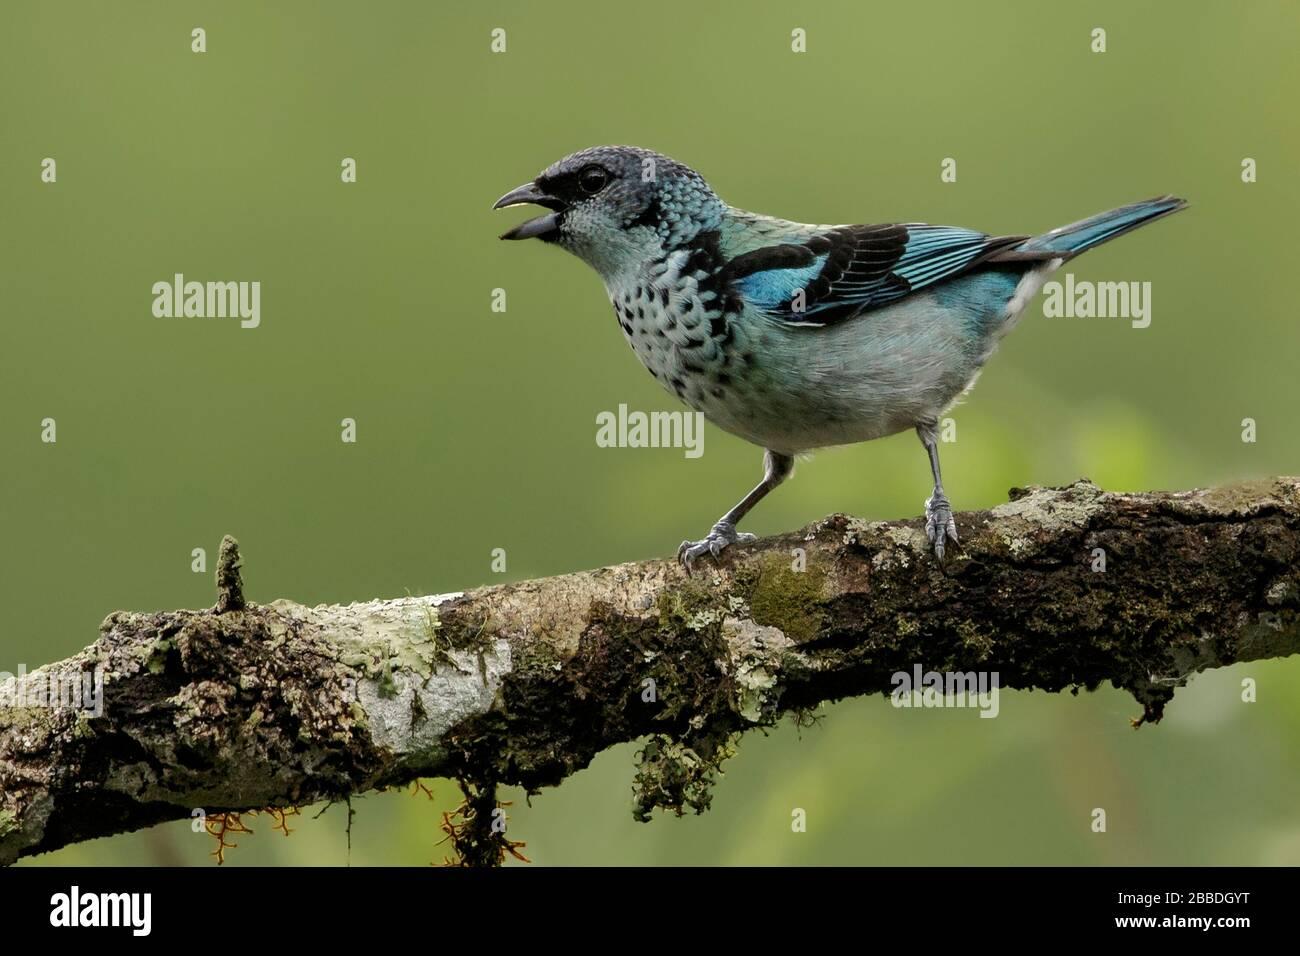 Tanager à la rumeur d'Azur (Tangara capanisi) perché sur une branche au Guatemala en Amérique centrale. Banque D'Images